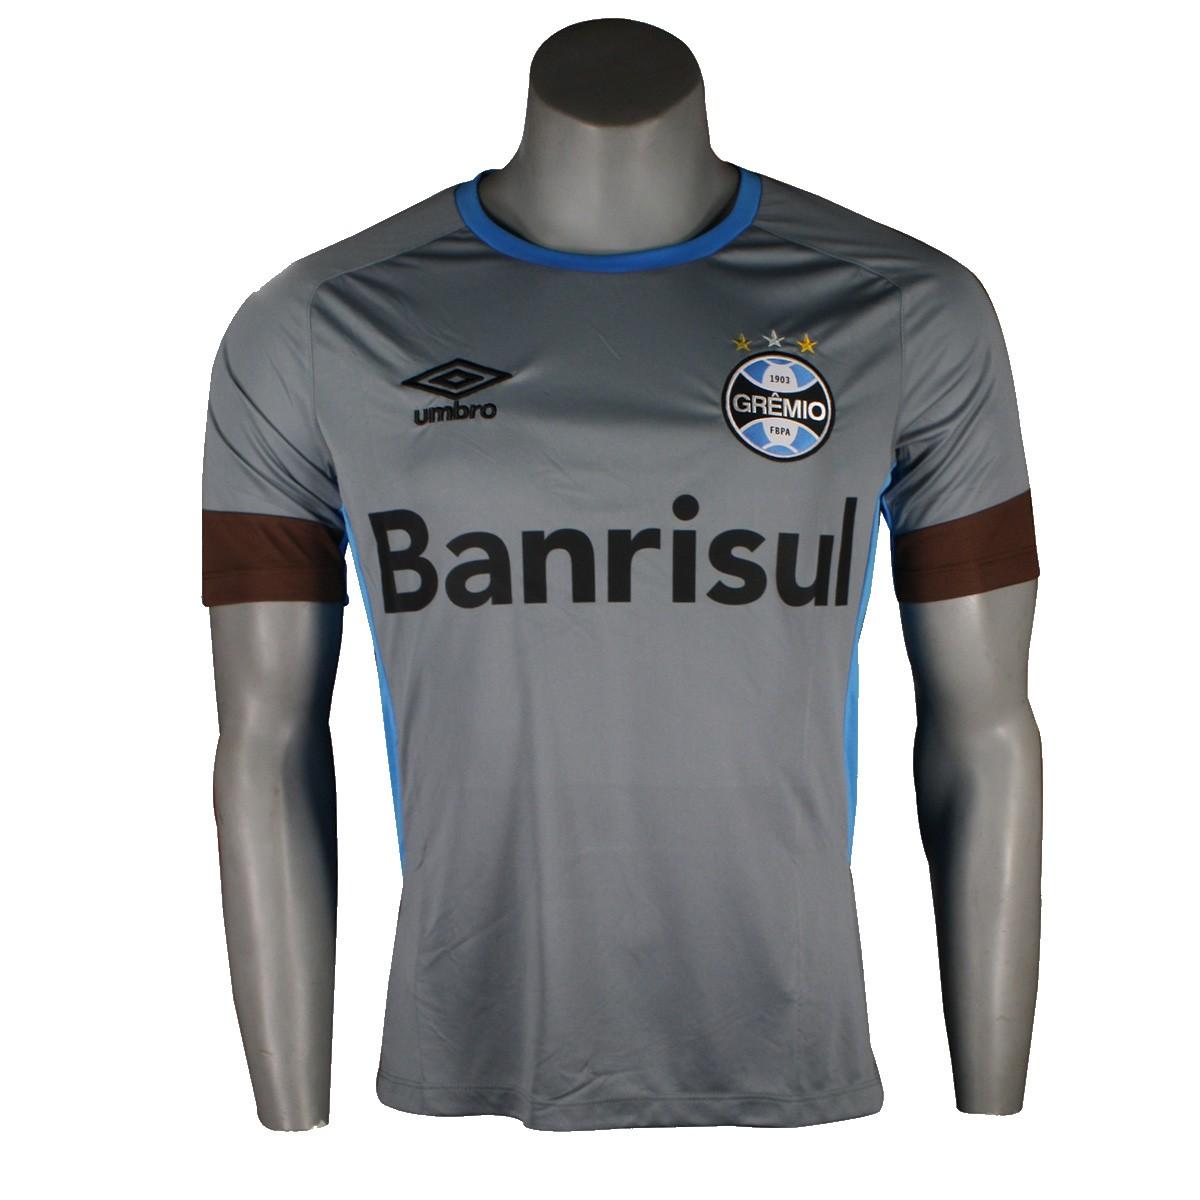 d9f5b2662 Camiseta Masculina Umbro Grêmio Treino 2016 Sem Número 3G11002 830  Cinza Azul Celeste